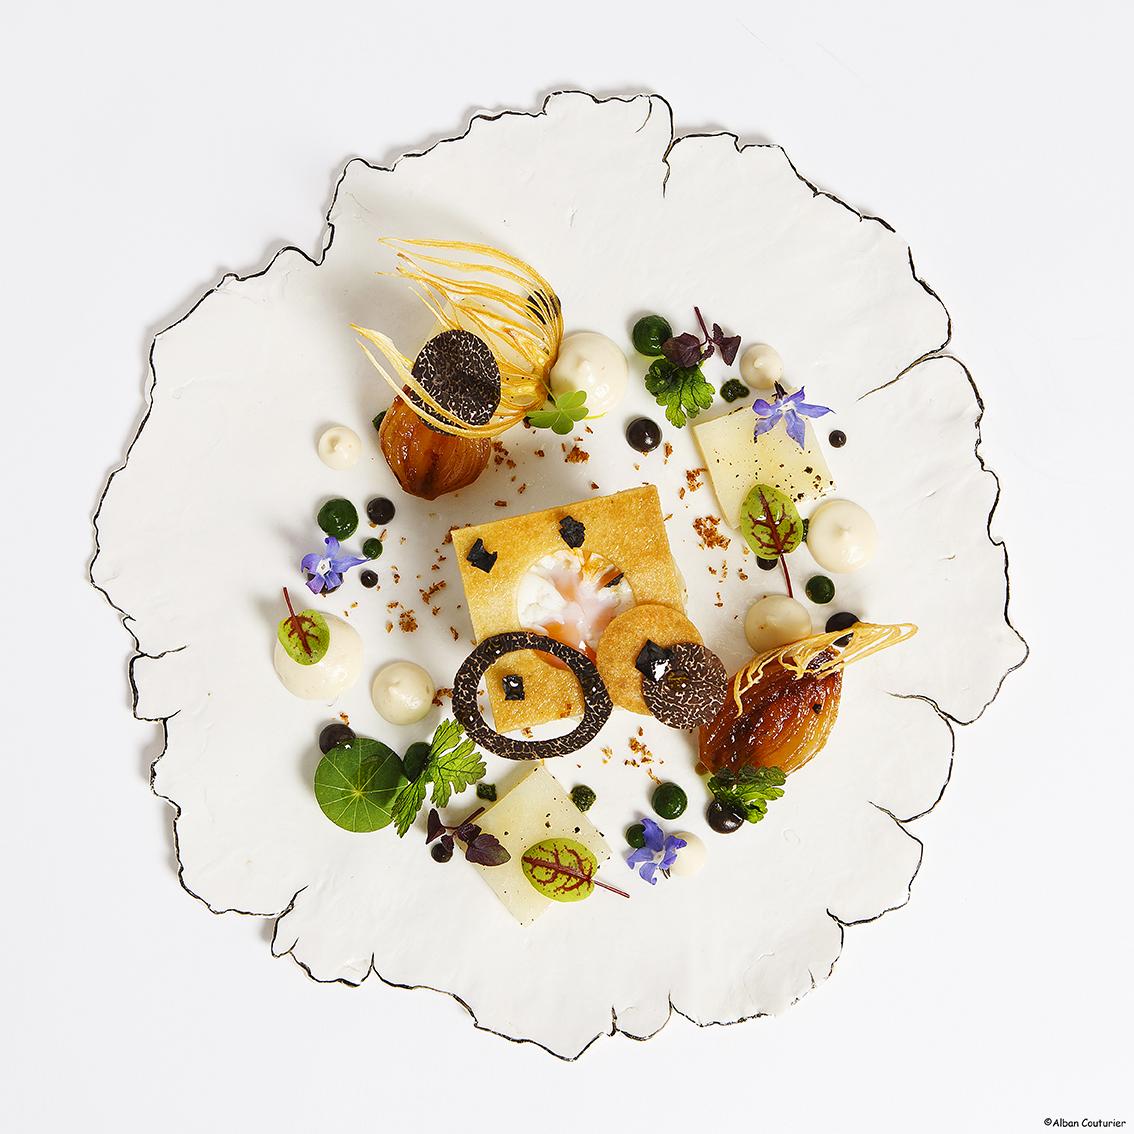 Creation culinaire et graphique Syvestre Wahid, restaurant Sylvestre, Hotel Thoumieux, 2 etoiles au guide Michelin, Paris ©Alban Couturier